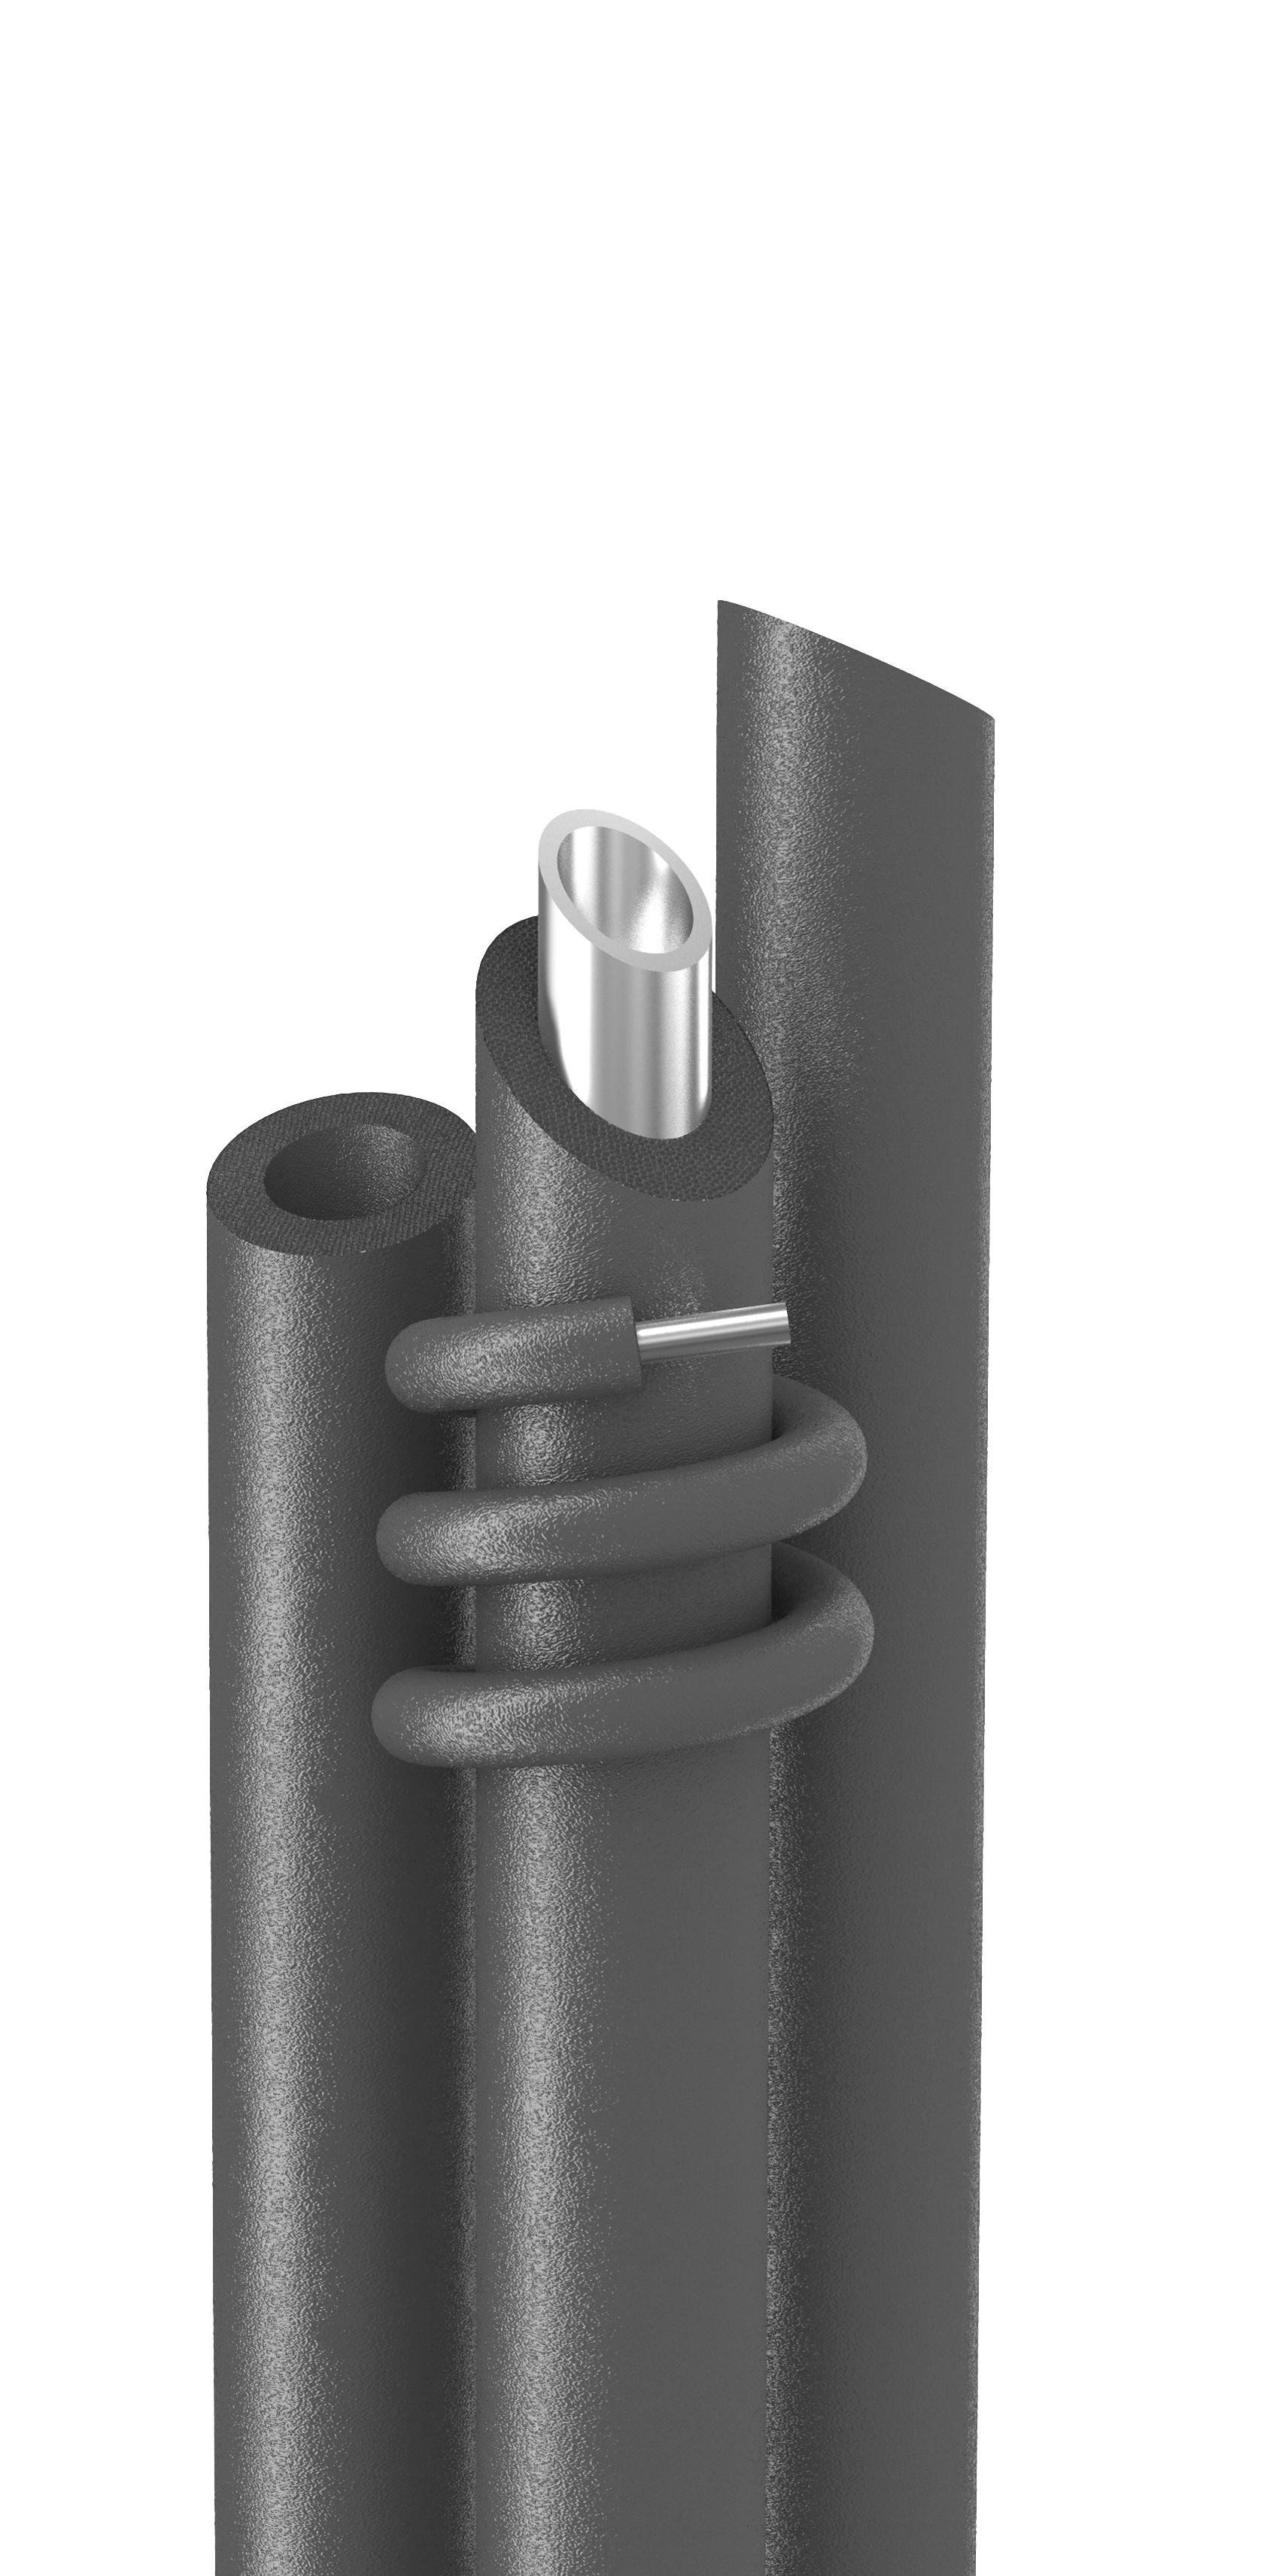 Трубки Energoflex толщ.9мм диам.28